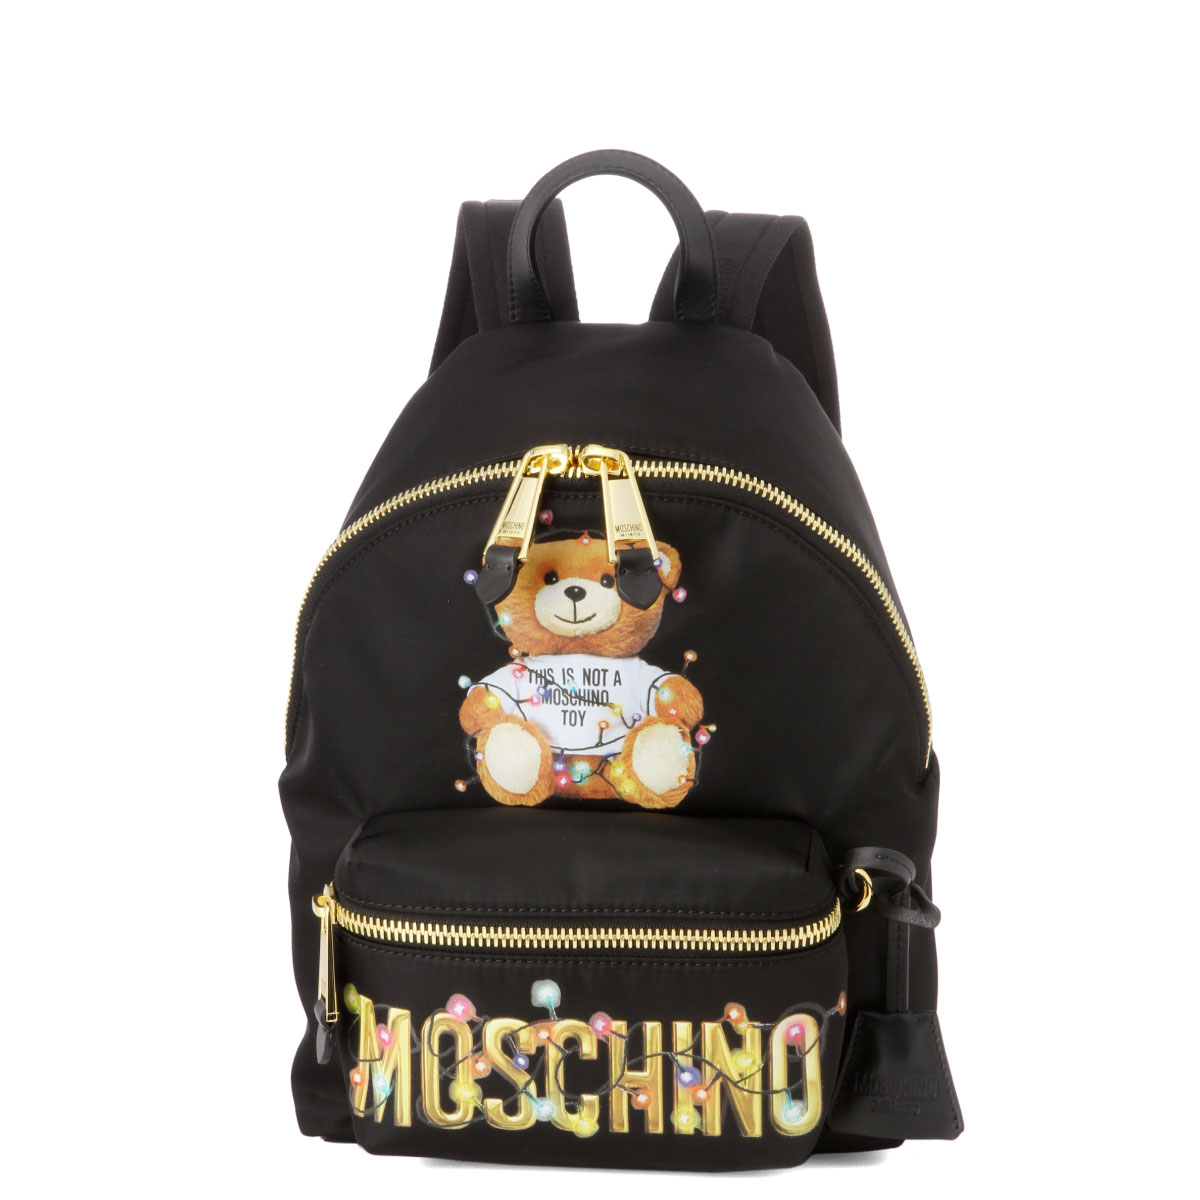 モスキーノ MOSCHINO バッグ レディース 7699 8260 1555 バックパック BLACK ブラック